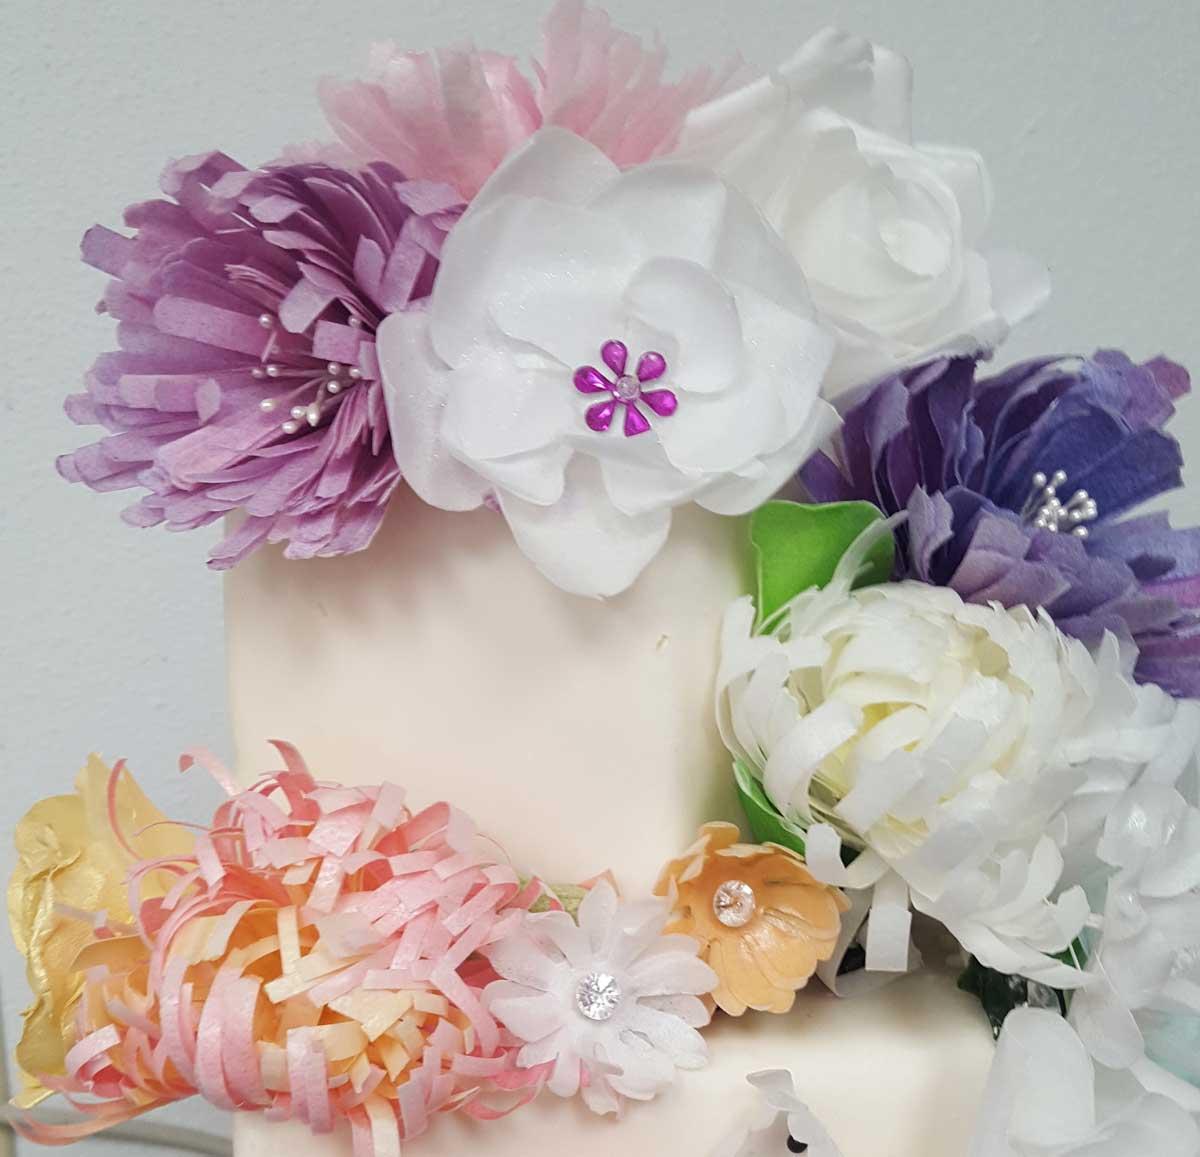 Rice paper flower course 1 april 30 2017 10am vero cakes ricepaperflowers1d ricepaperflowers1a ricepaperflowers1b ricepaperflowers1c mightylinksfo